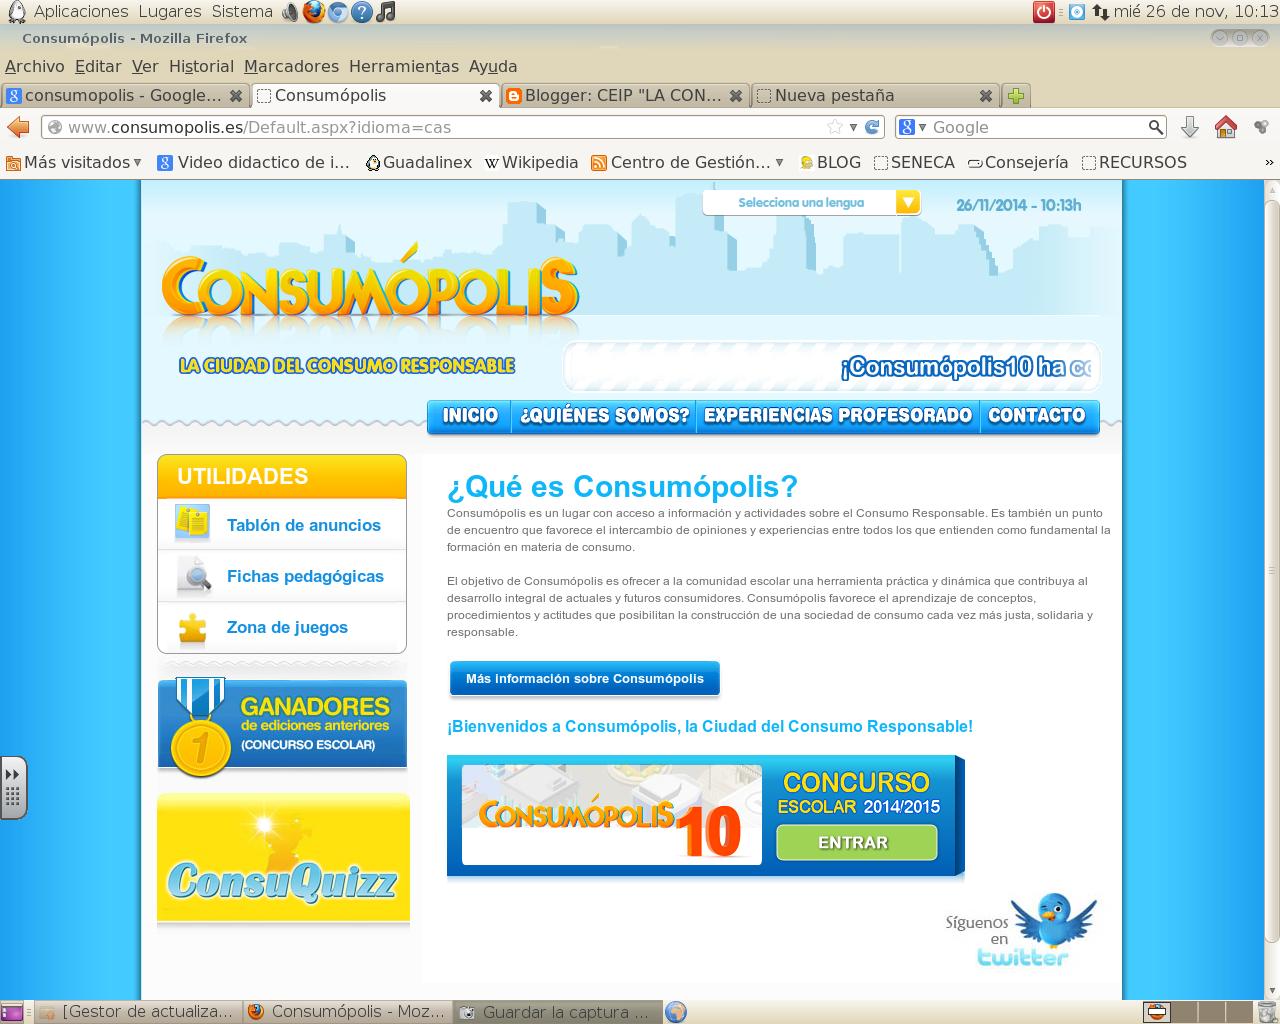 http://www.consumopolis.es/